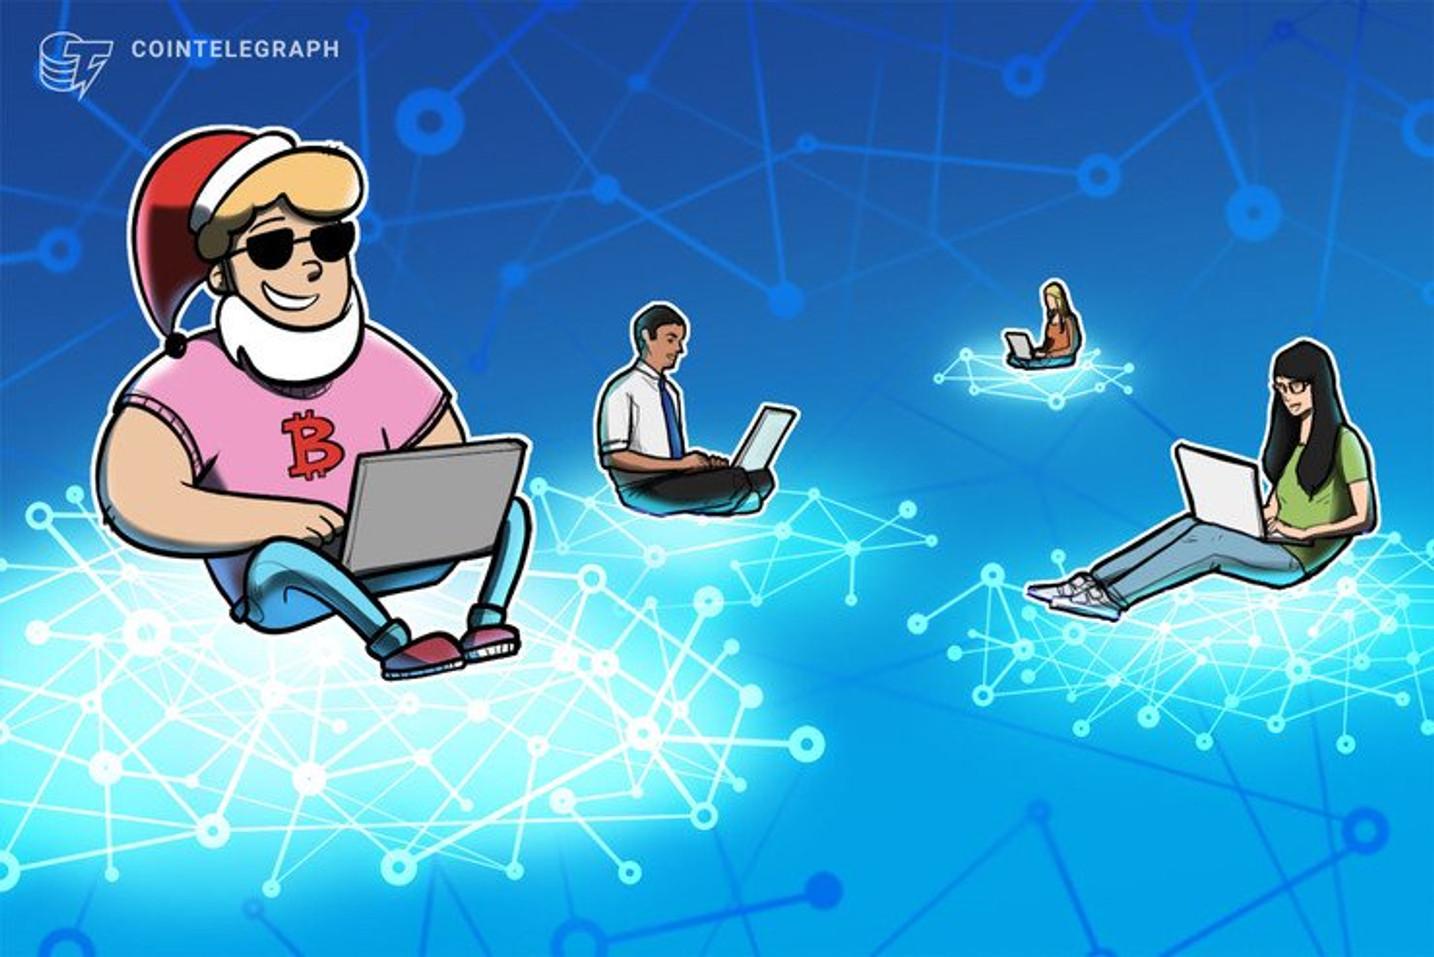 暗号資産ソフトウェア会社が手動トレーディングターミナルをローンチ